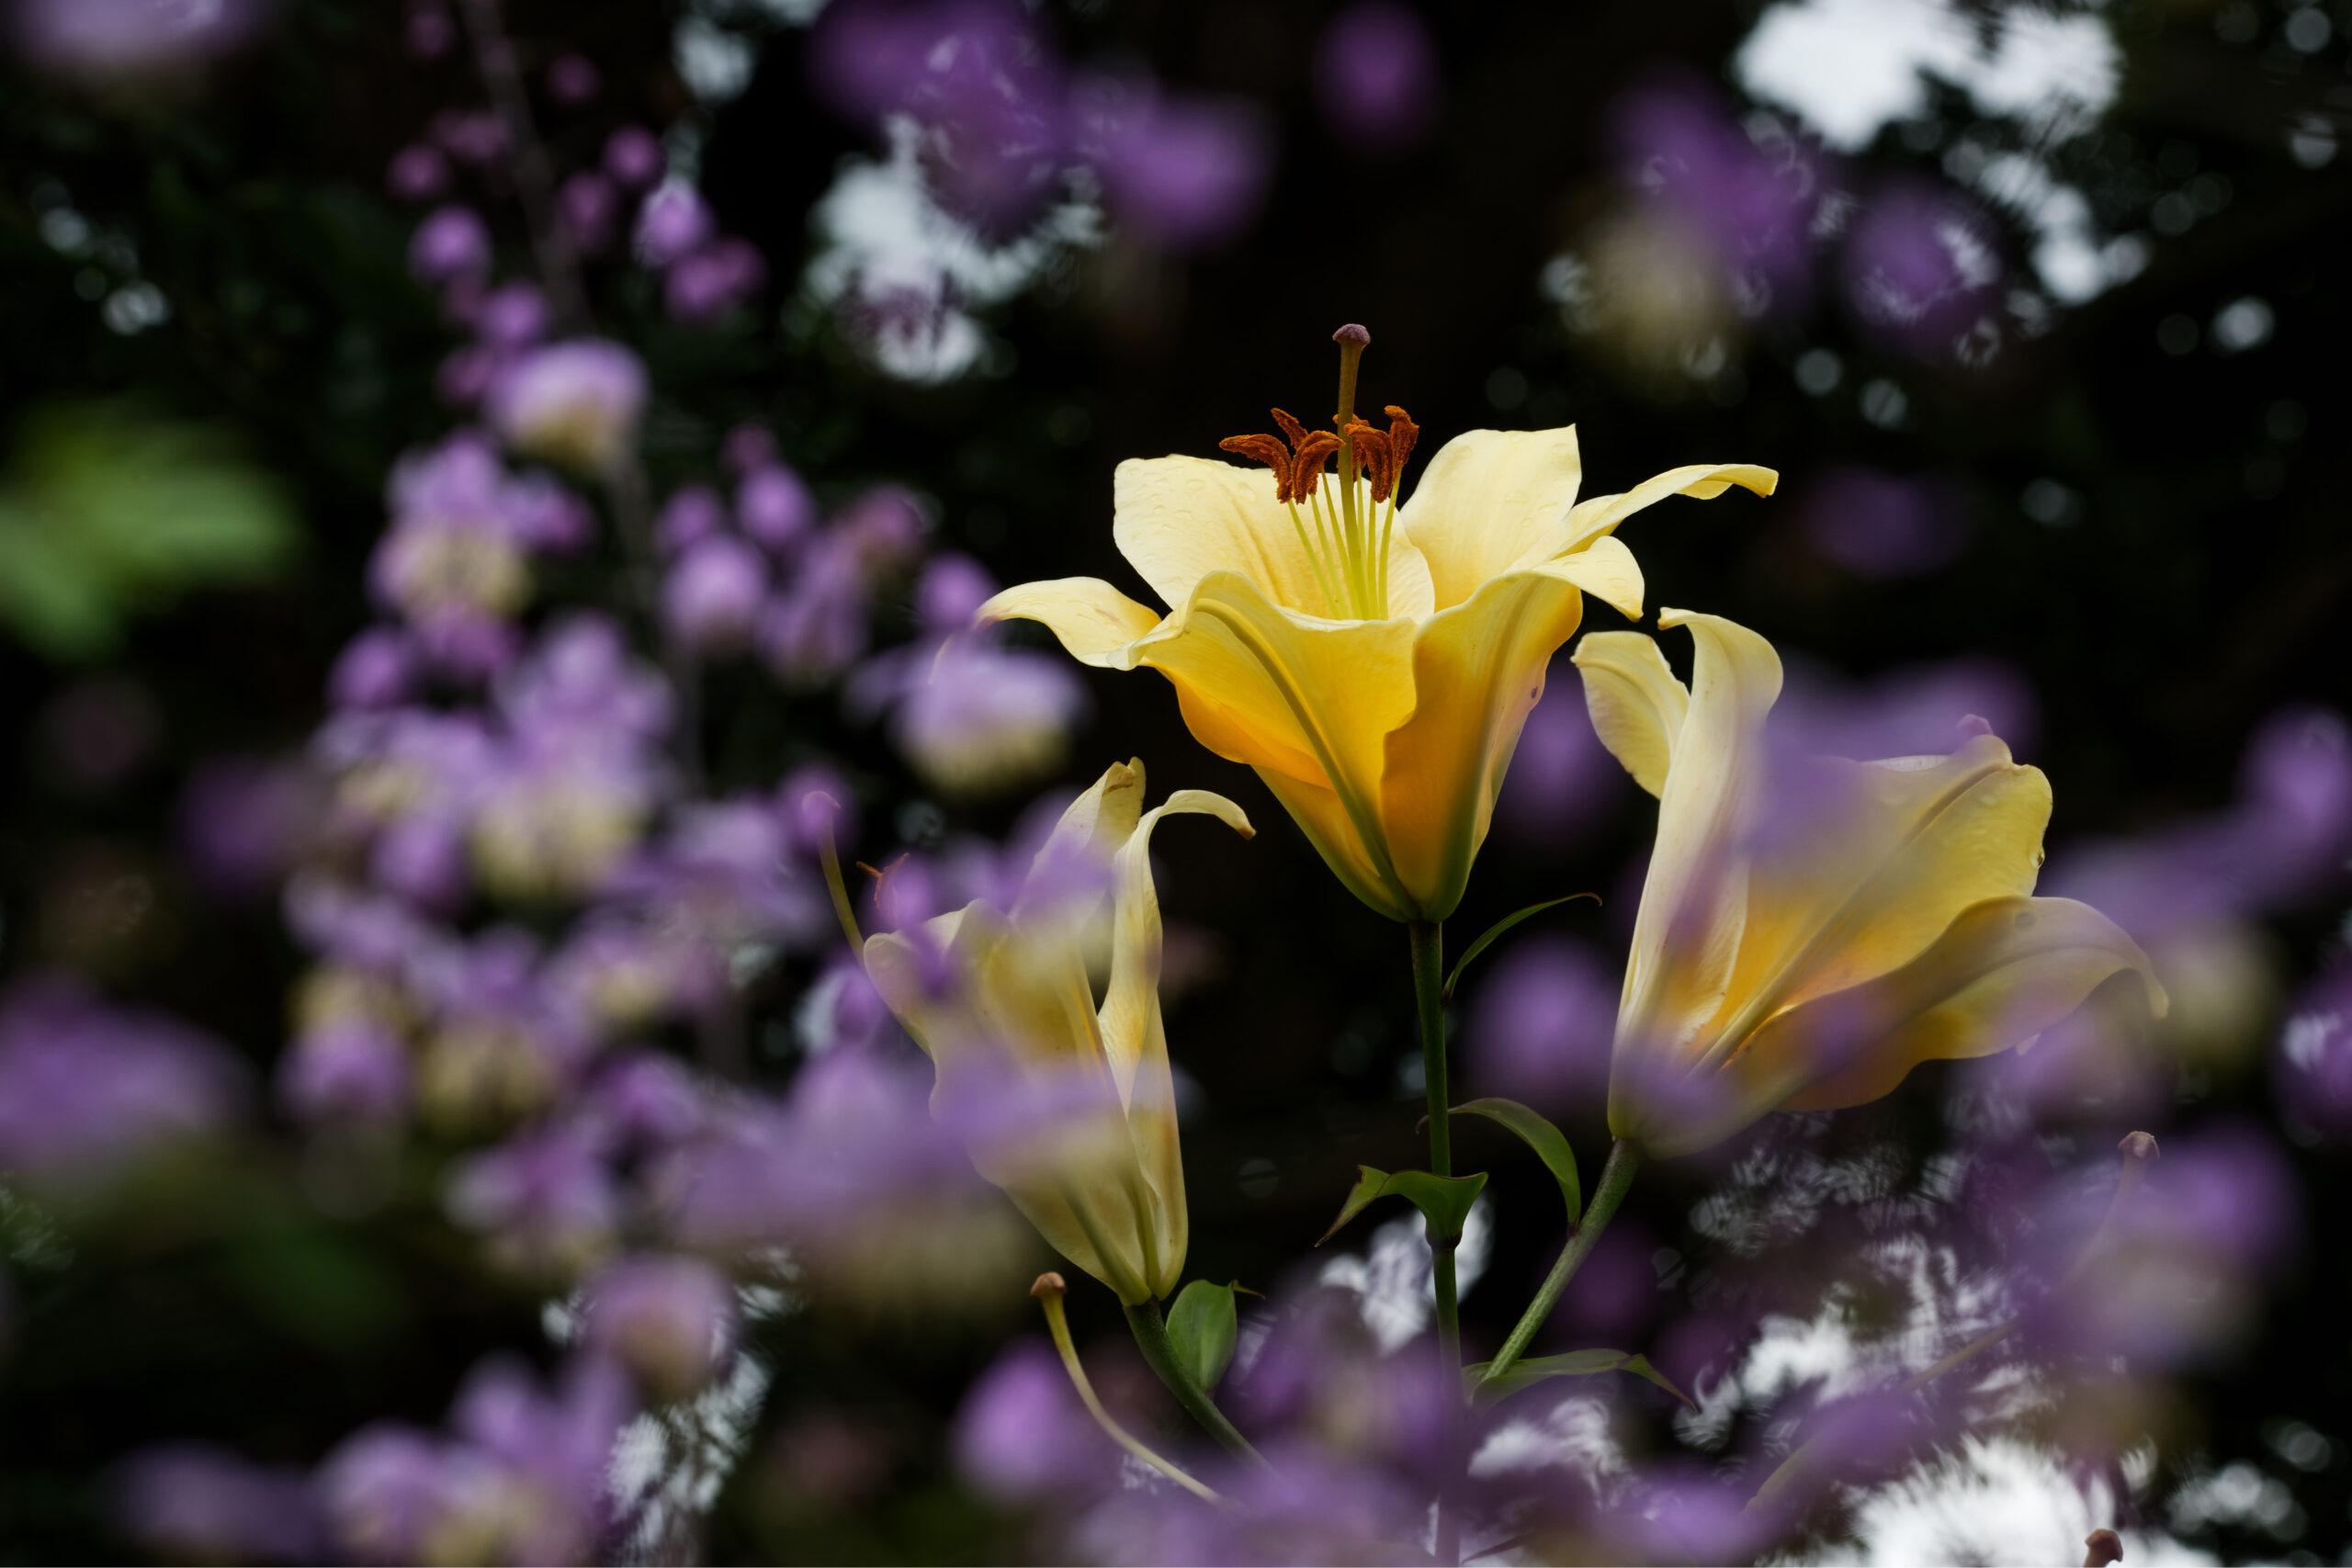 Matthias - Arboretum Ellerhoop 03.08.2021 - Durch die Blume